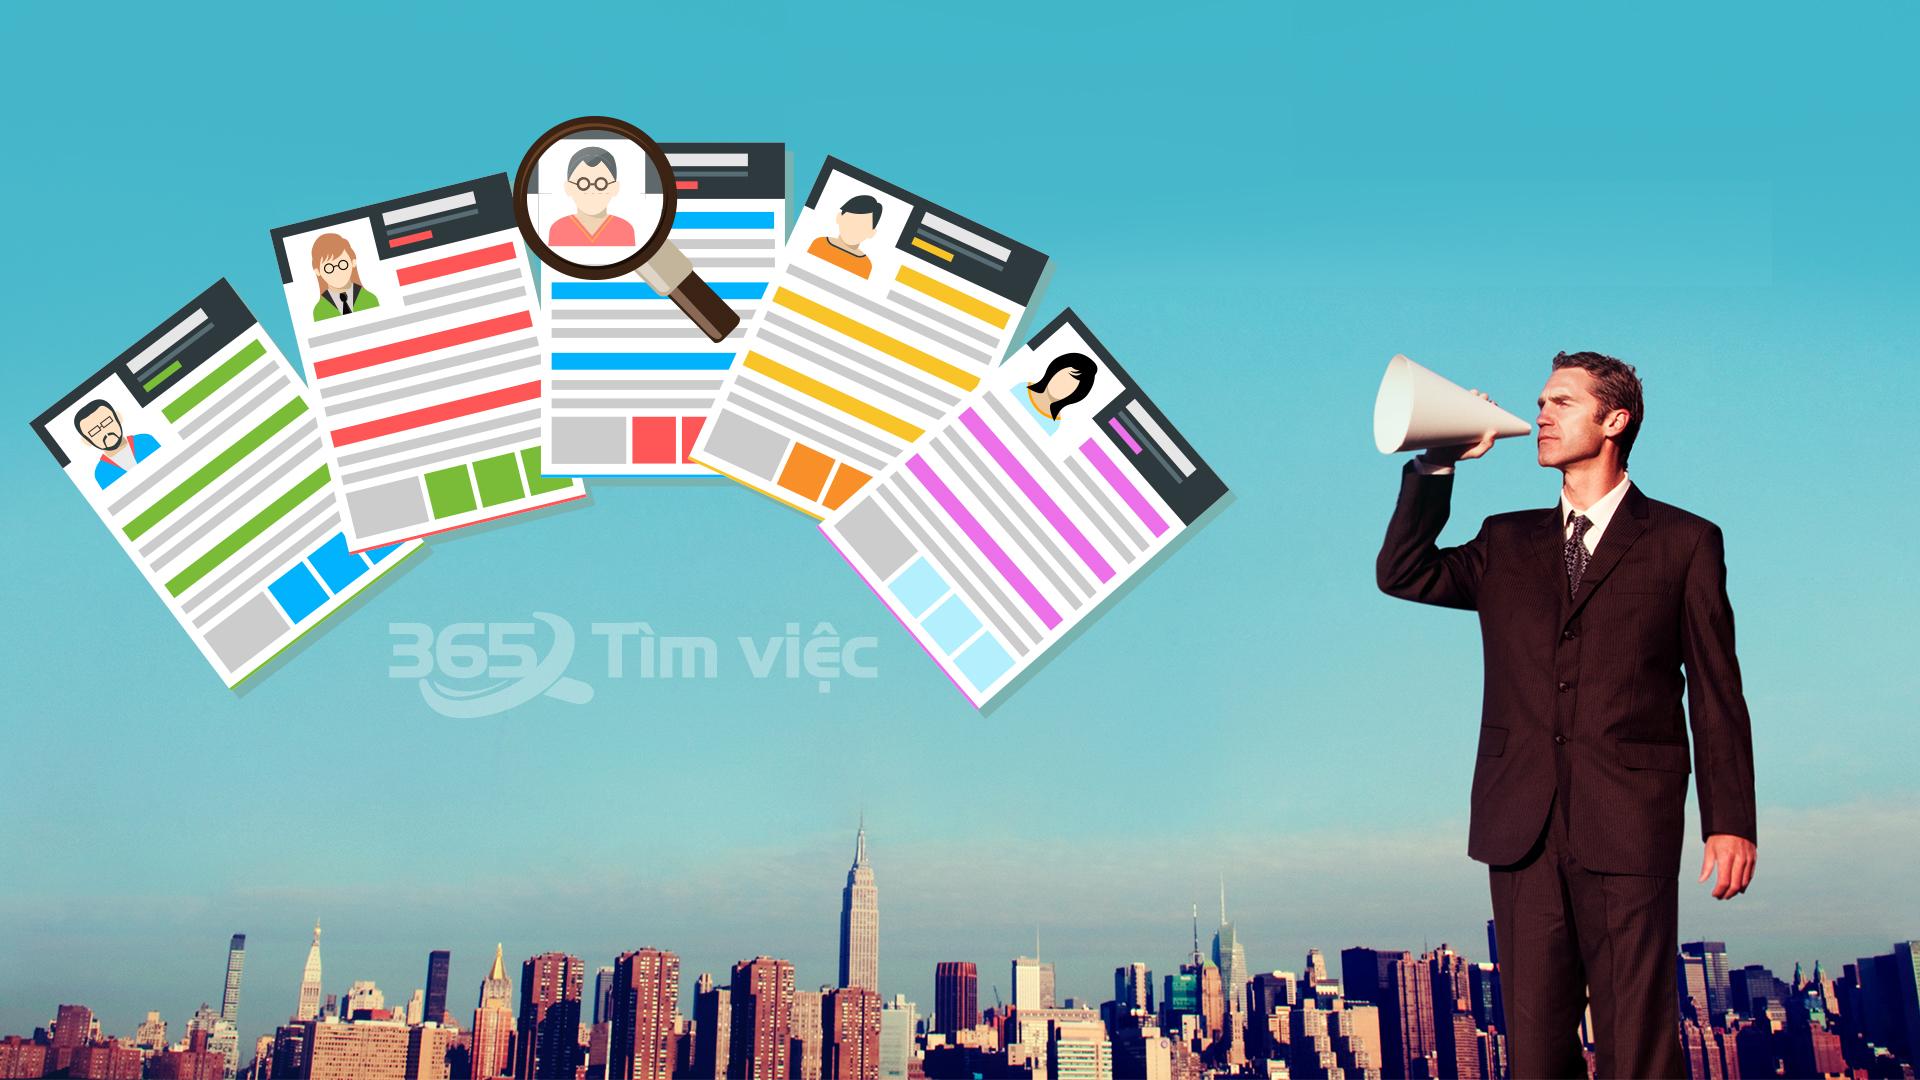 Employment Application form - Đơn ứng tuyển việc làm